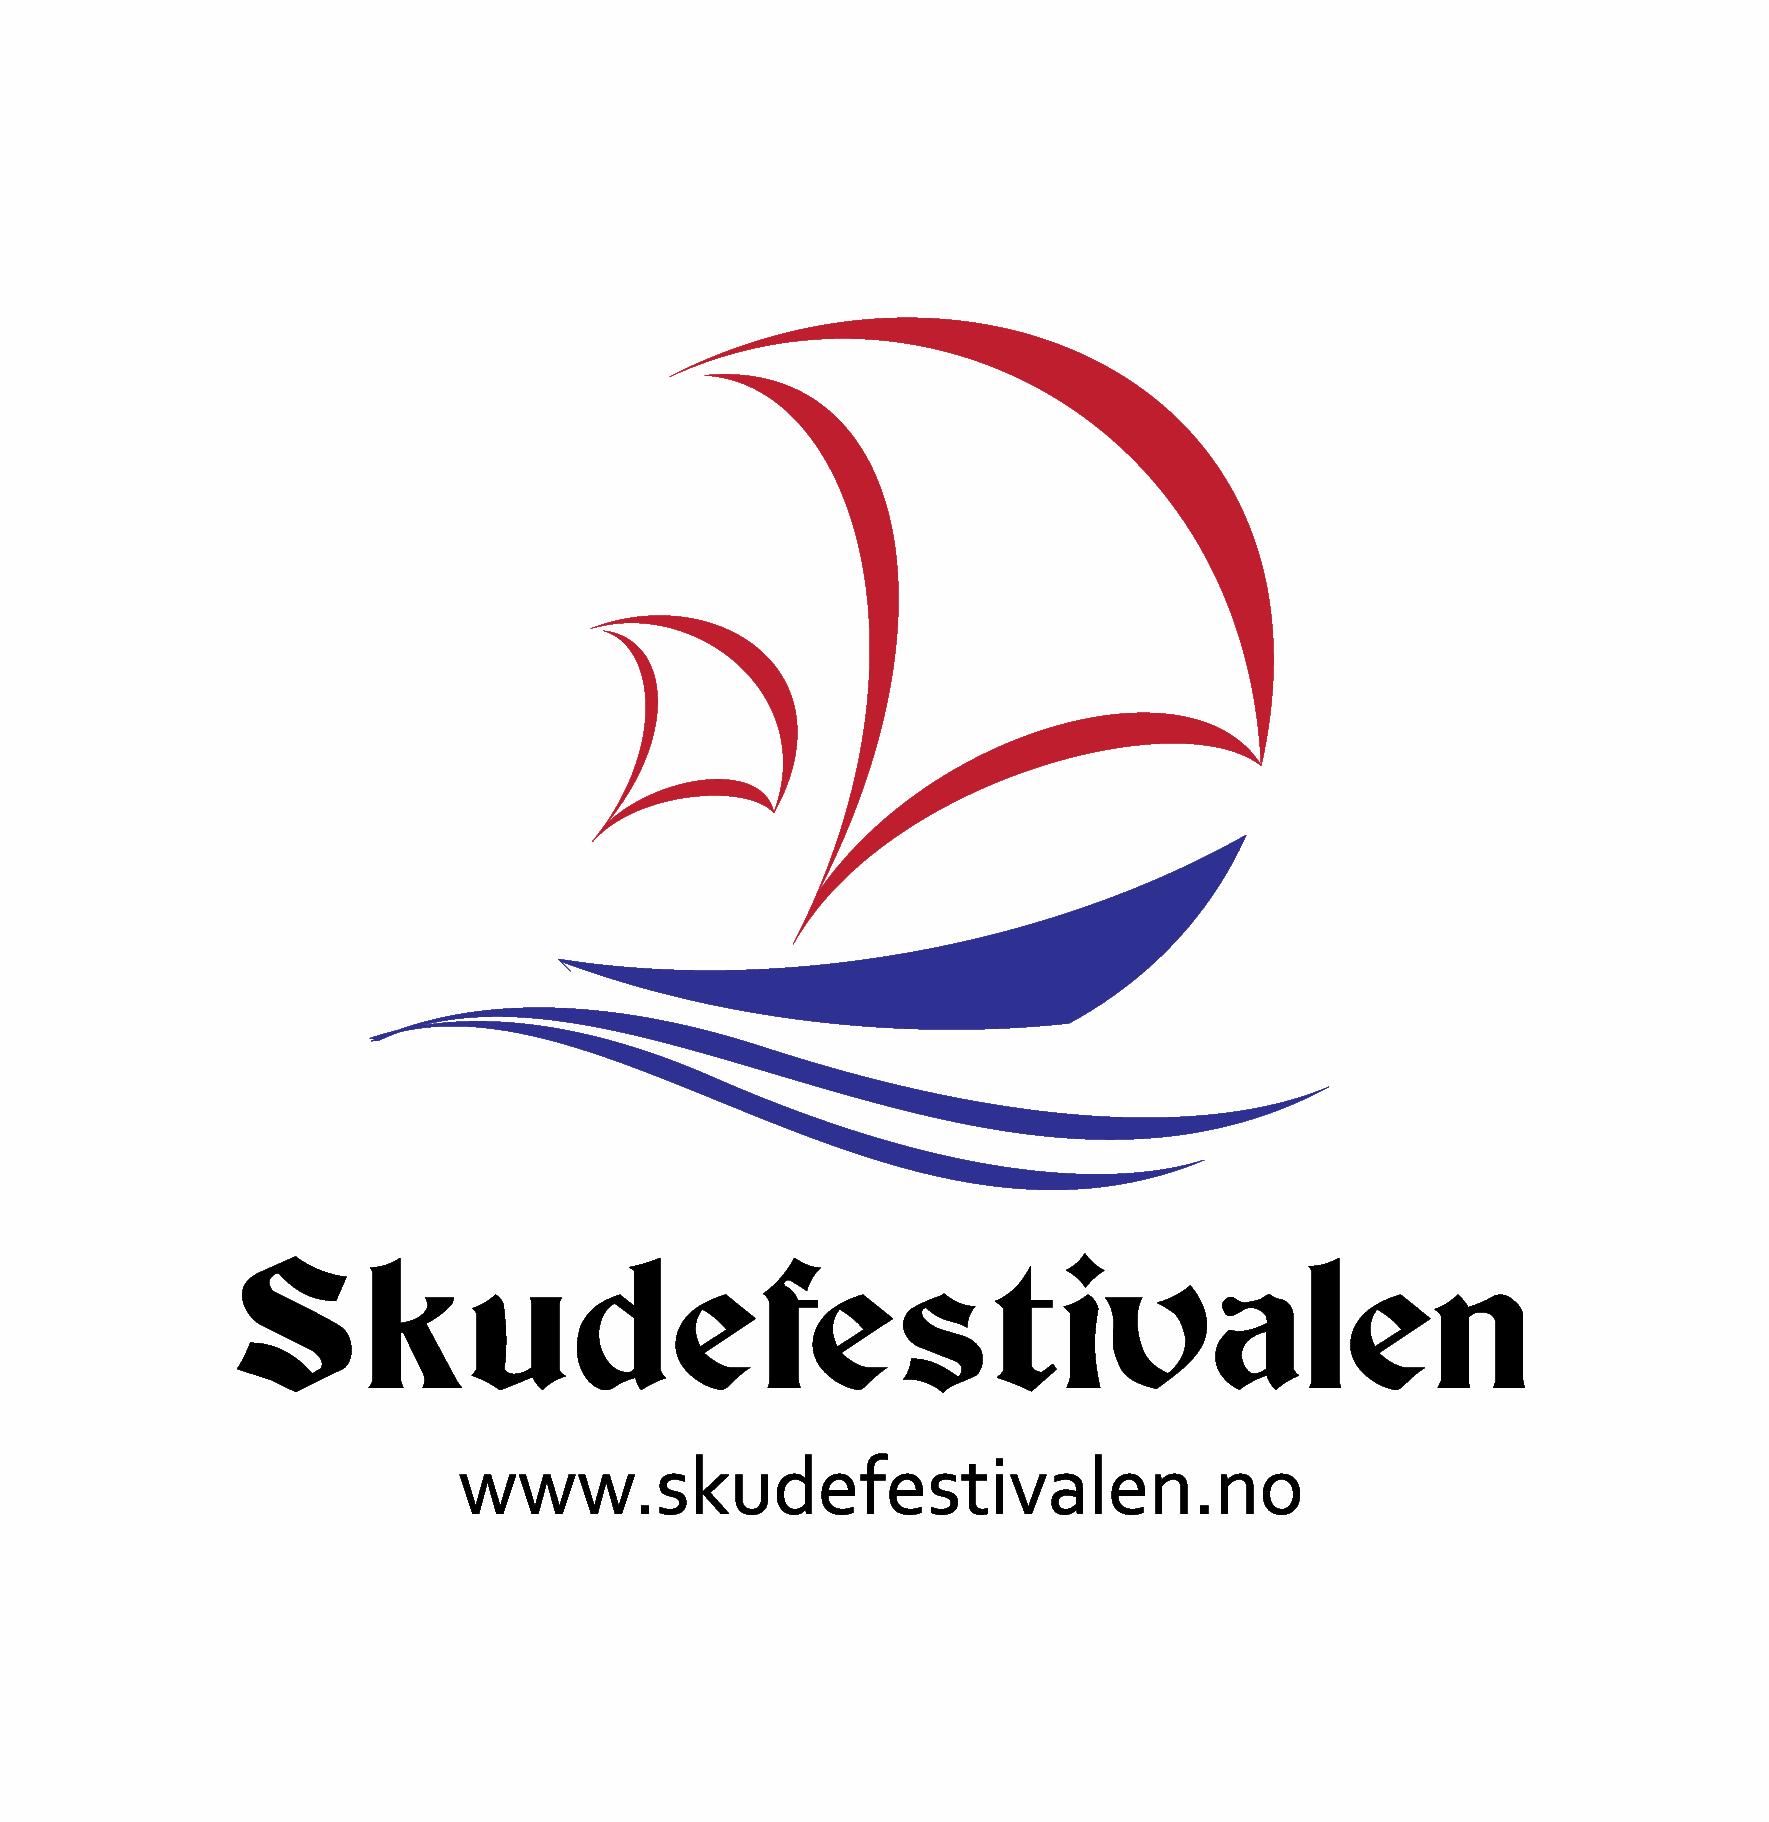 Skudfestivalen logo with web address p hvit bakgrunn